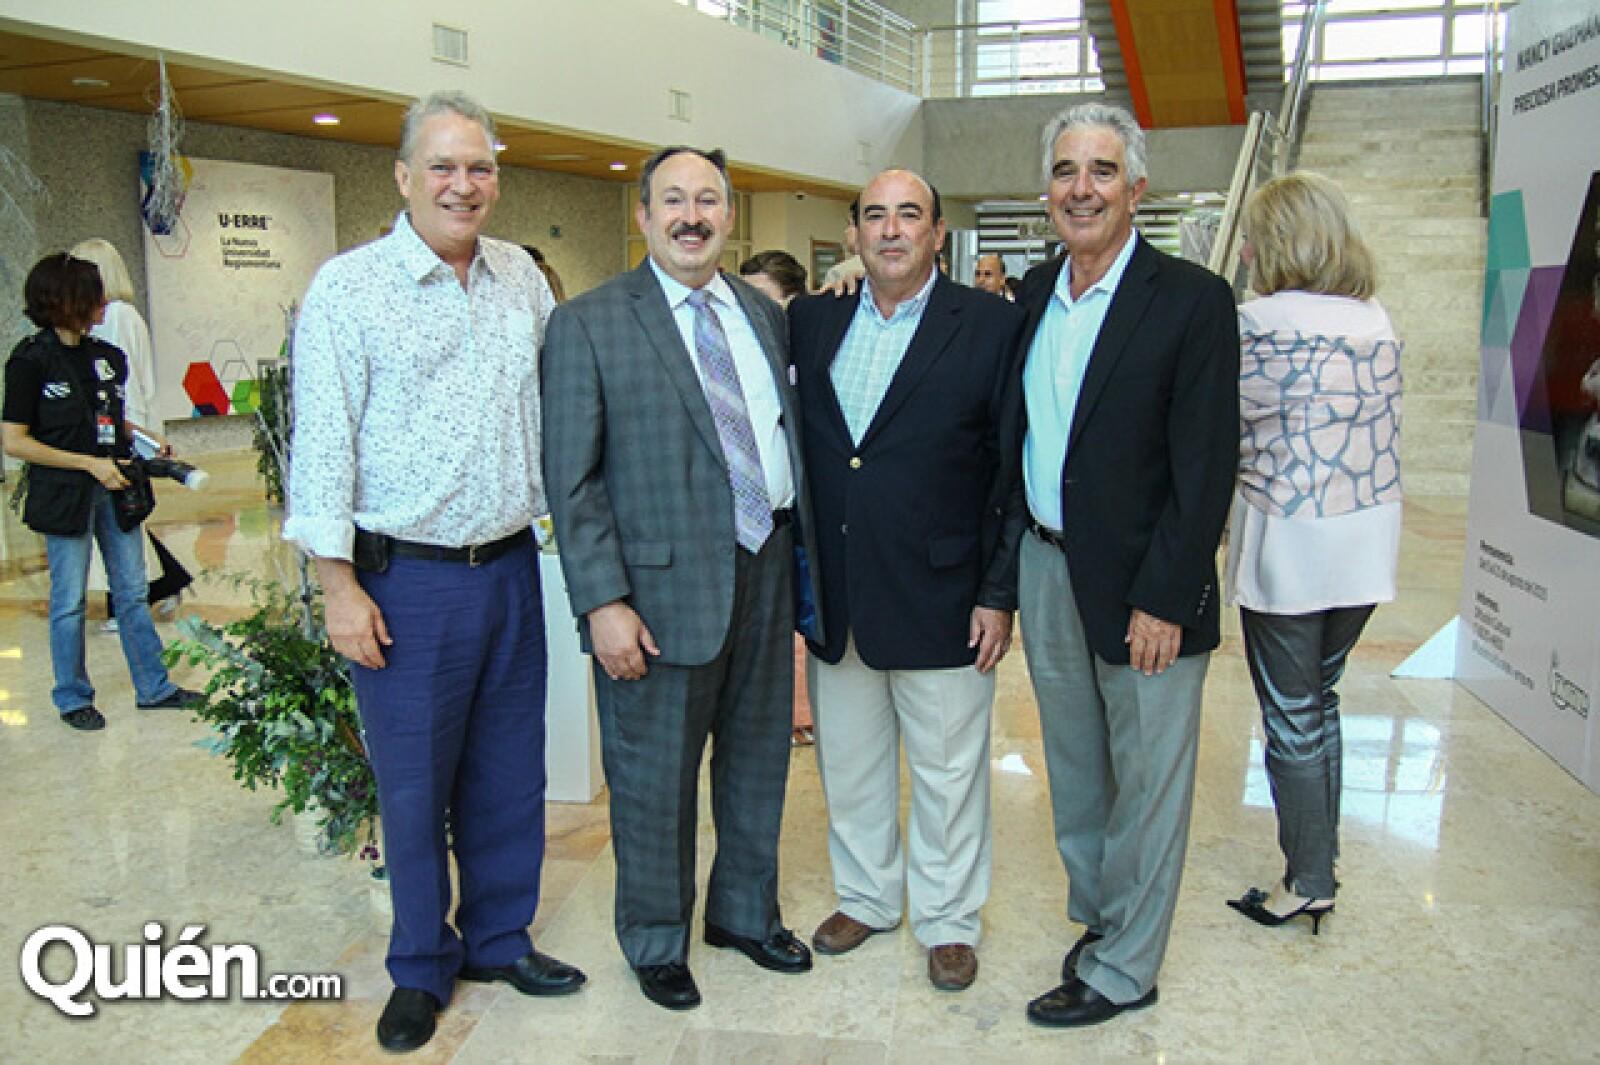 Eugenio Elizondo,Luis Guzmán,Guillermo Guzmán y Hugo Alanís.